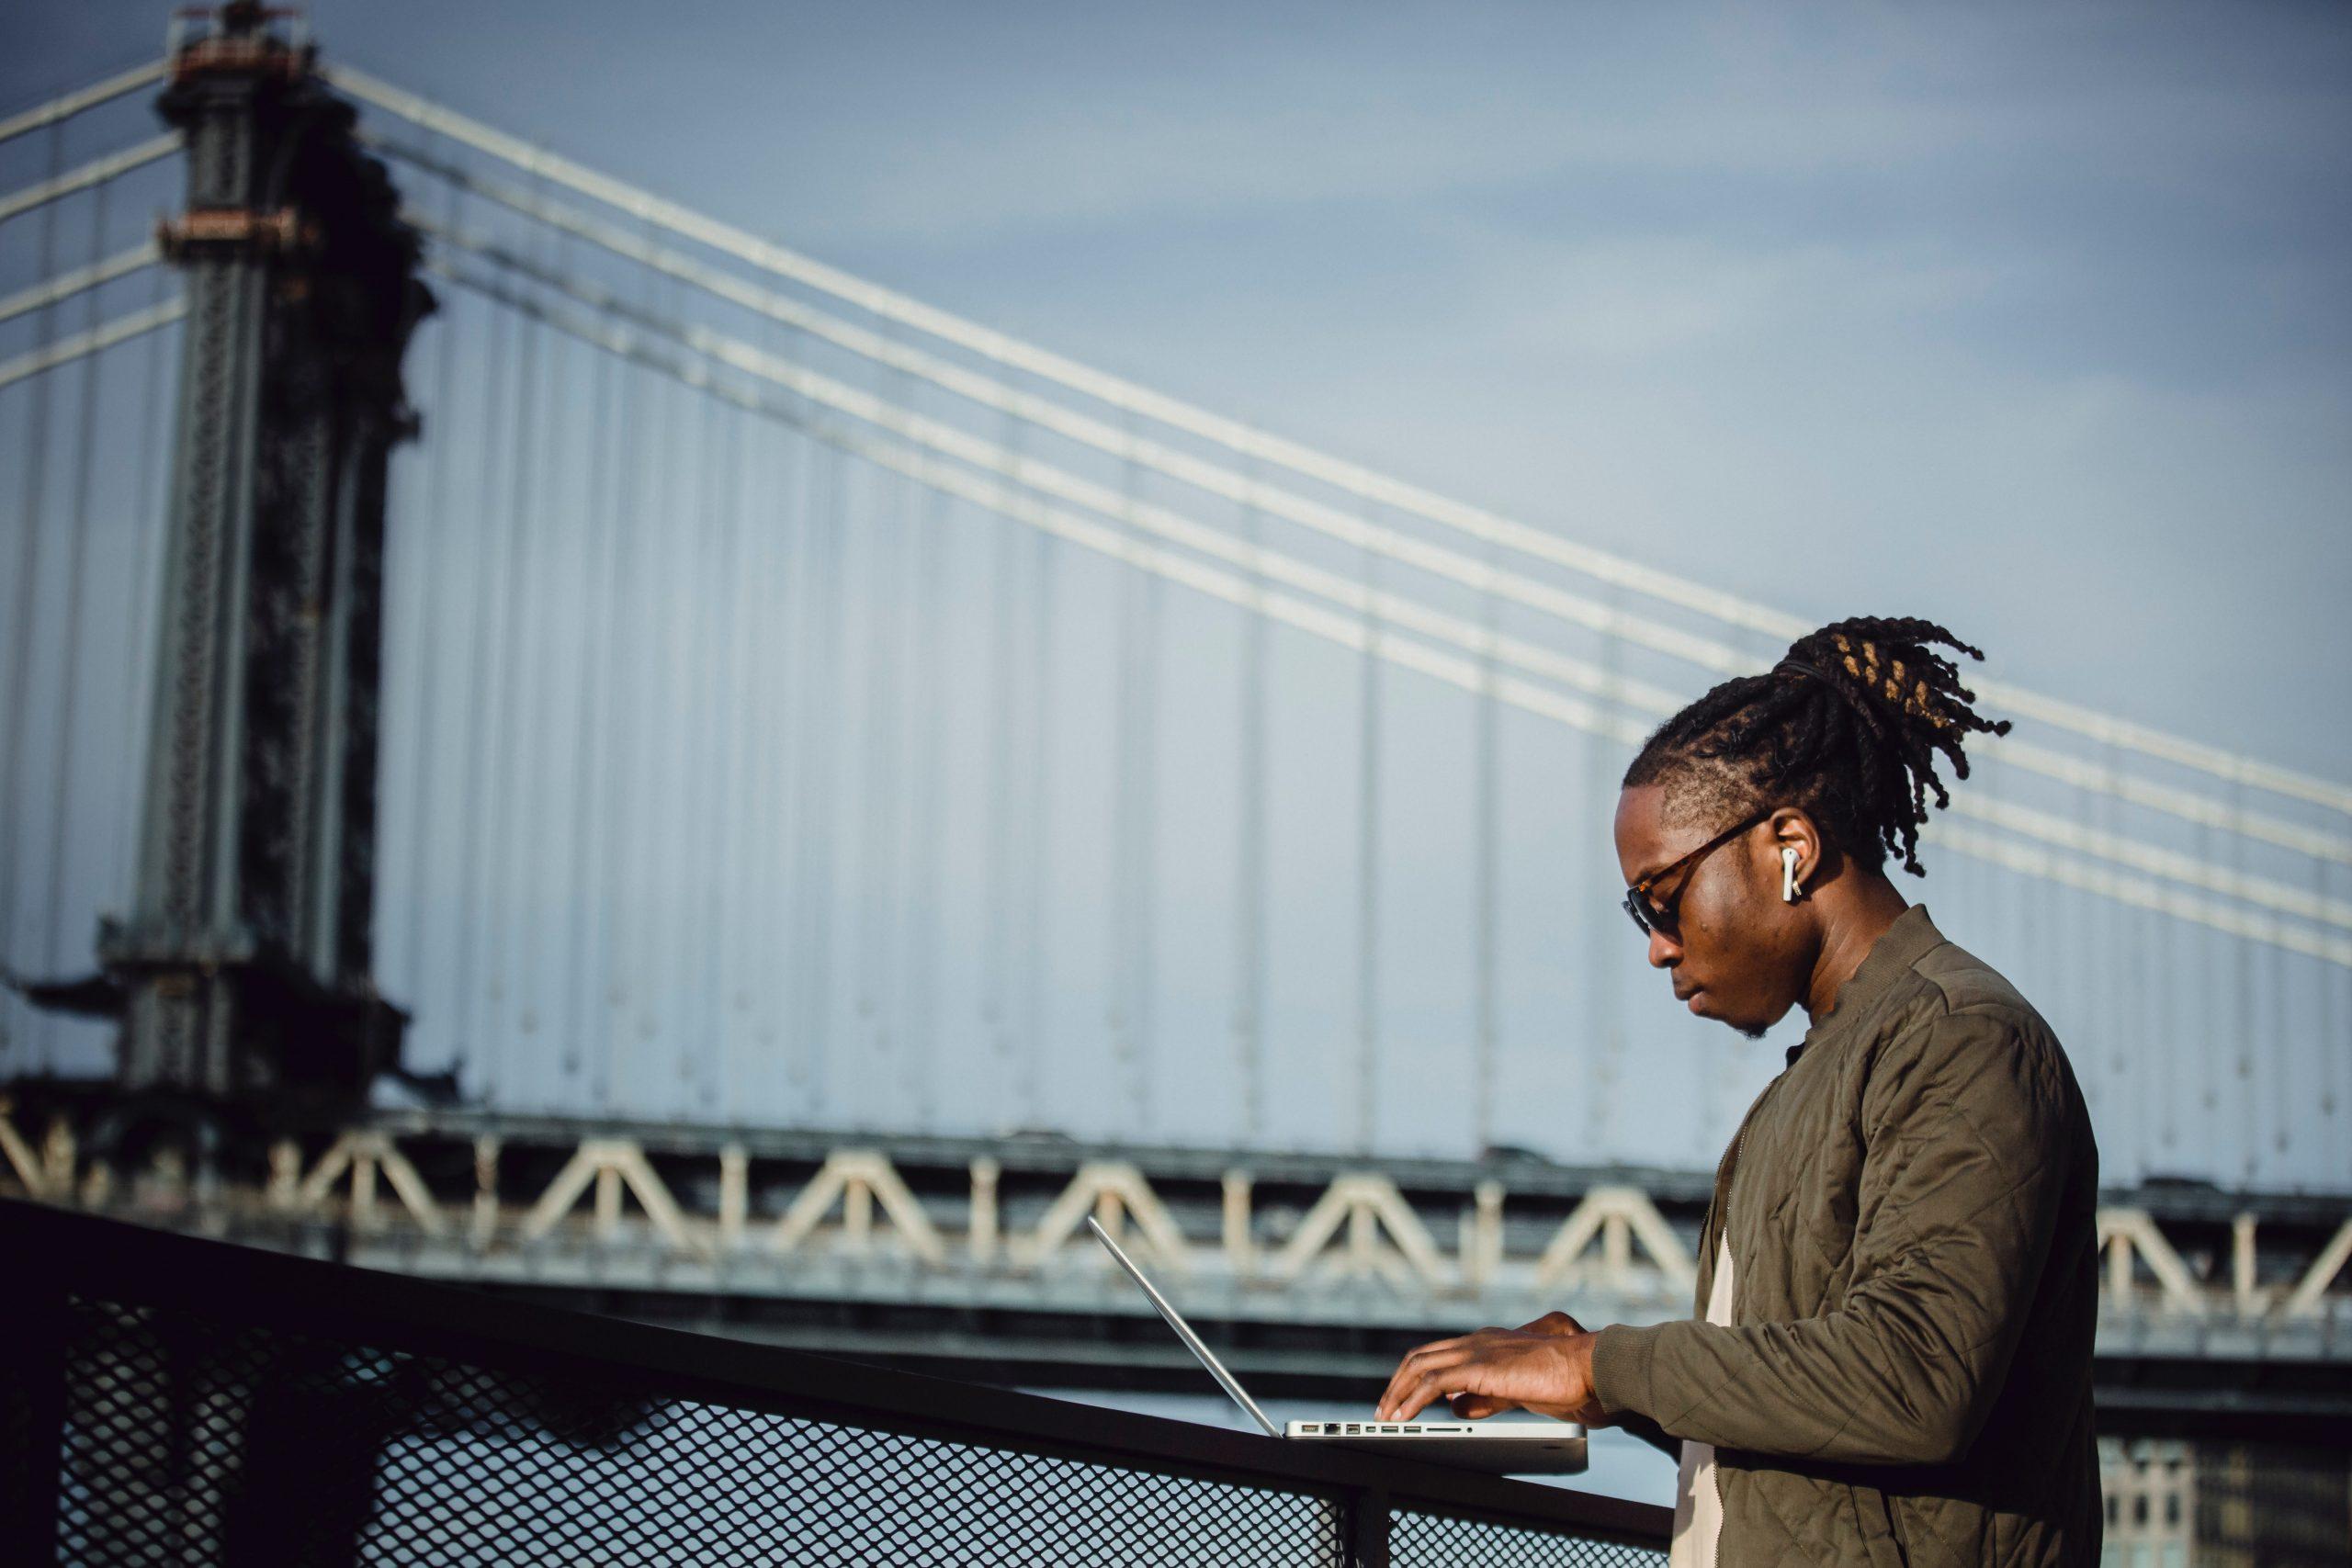 man-at-laptop-by-bridge